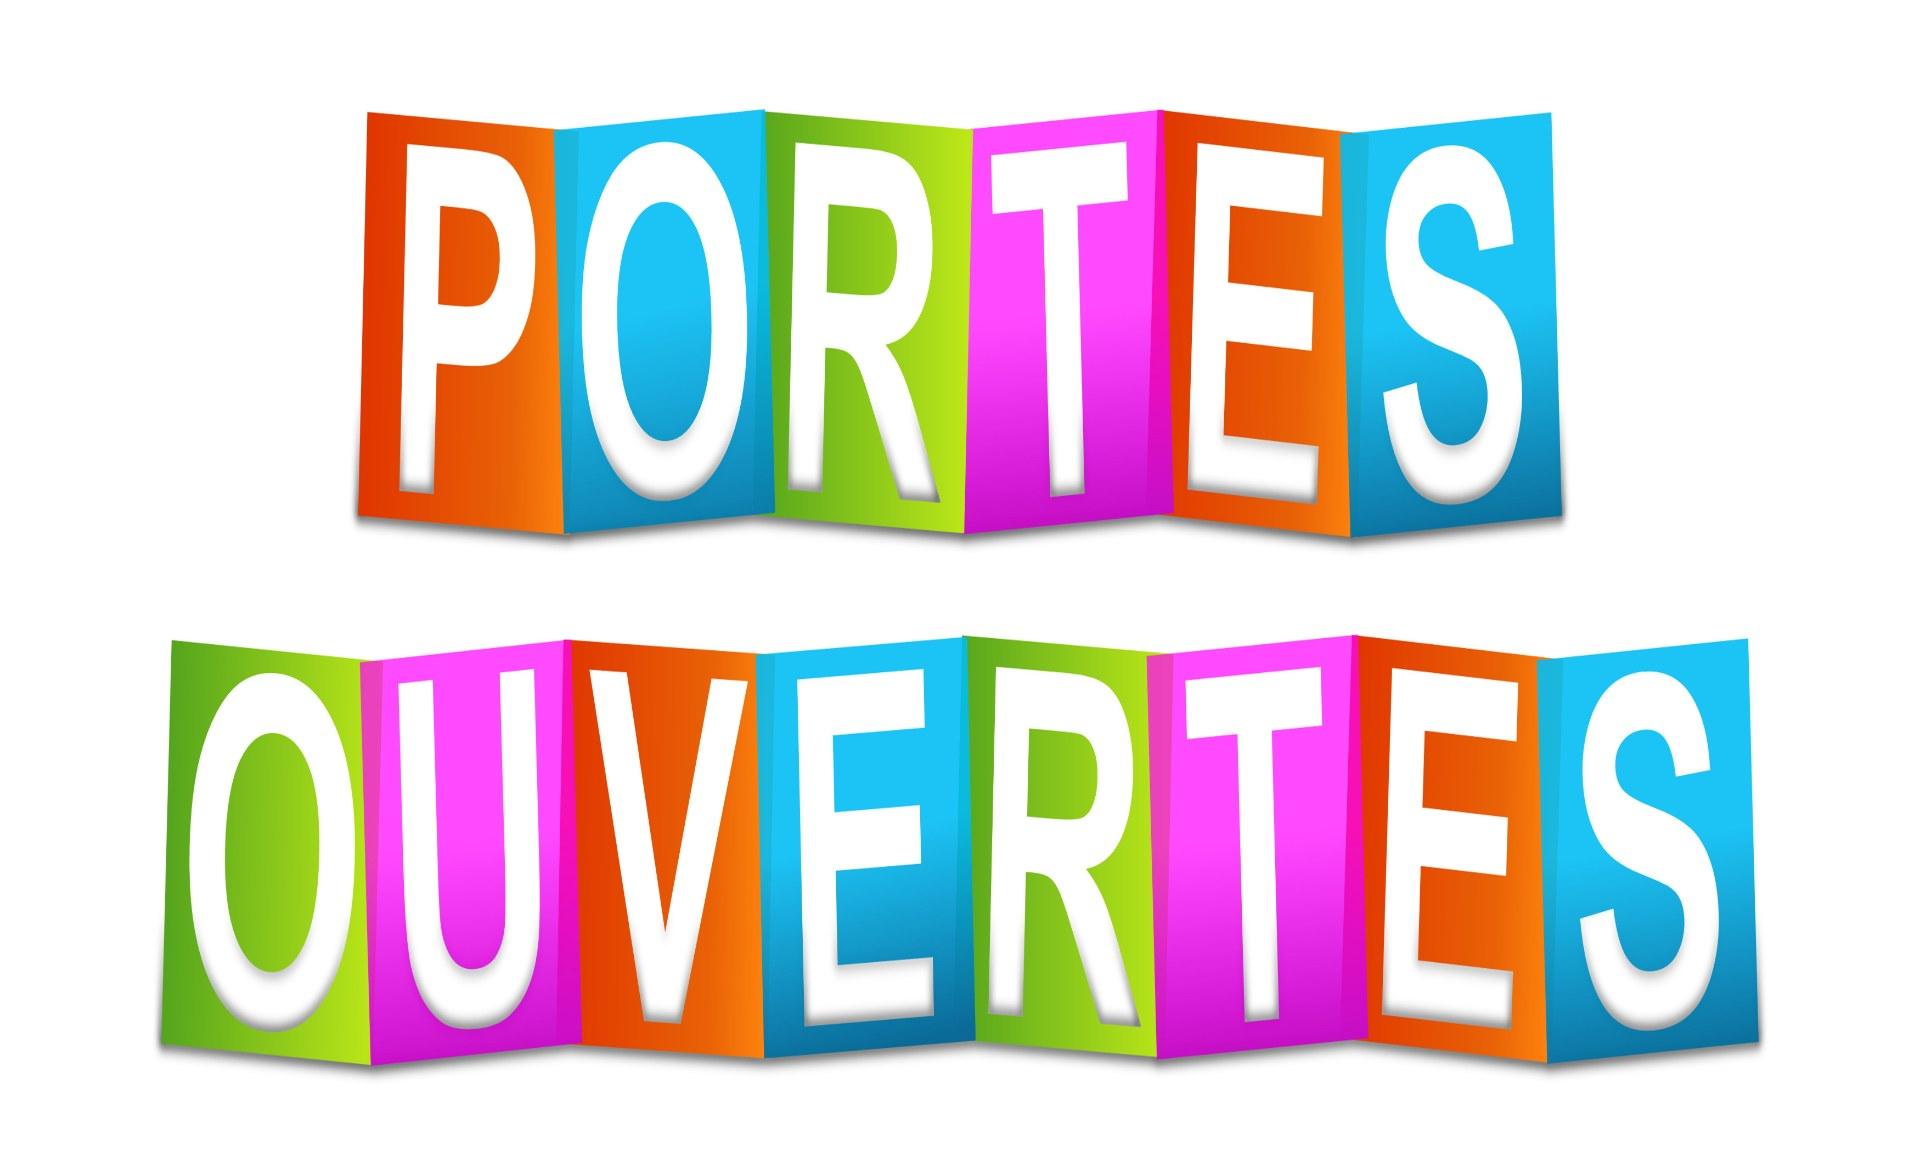 site rencontre echange linguistique Vitry-sur-Seine